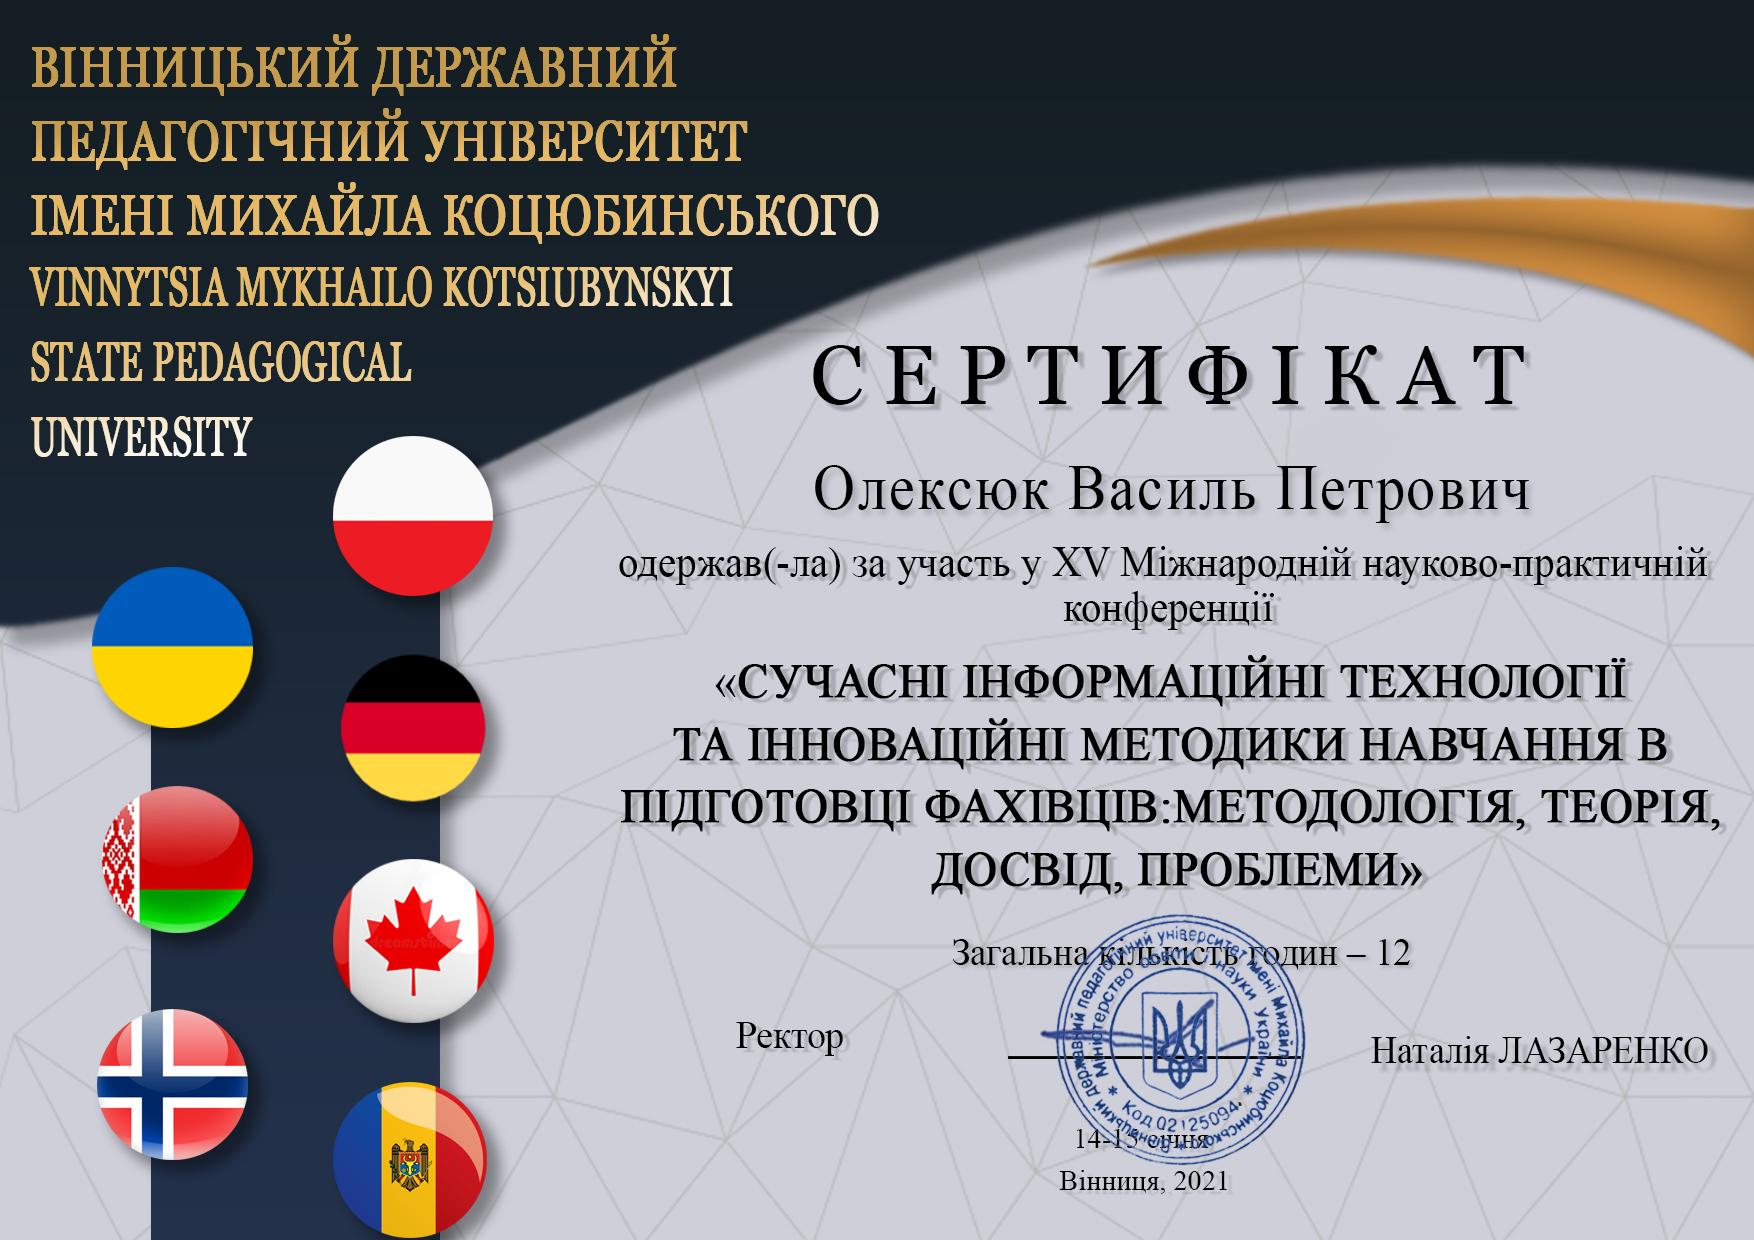 Олексюк Василь Петрович